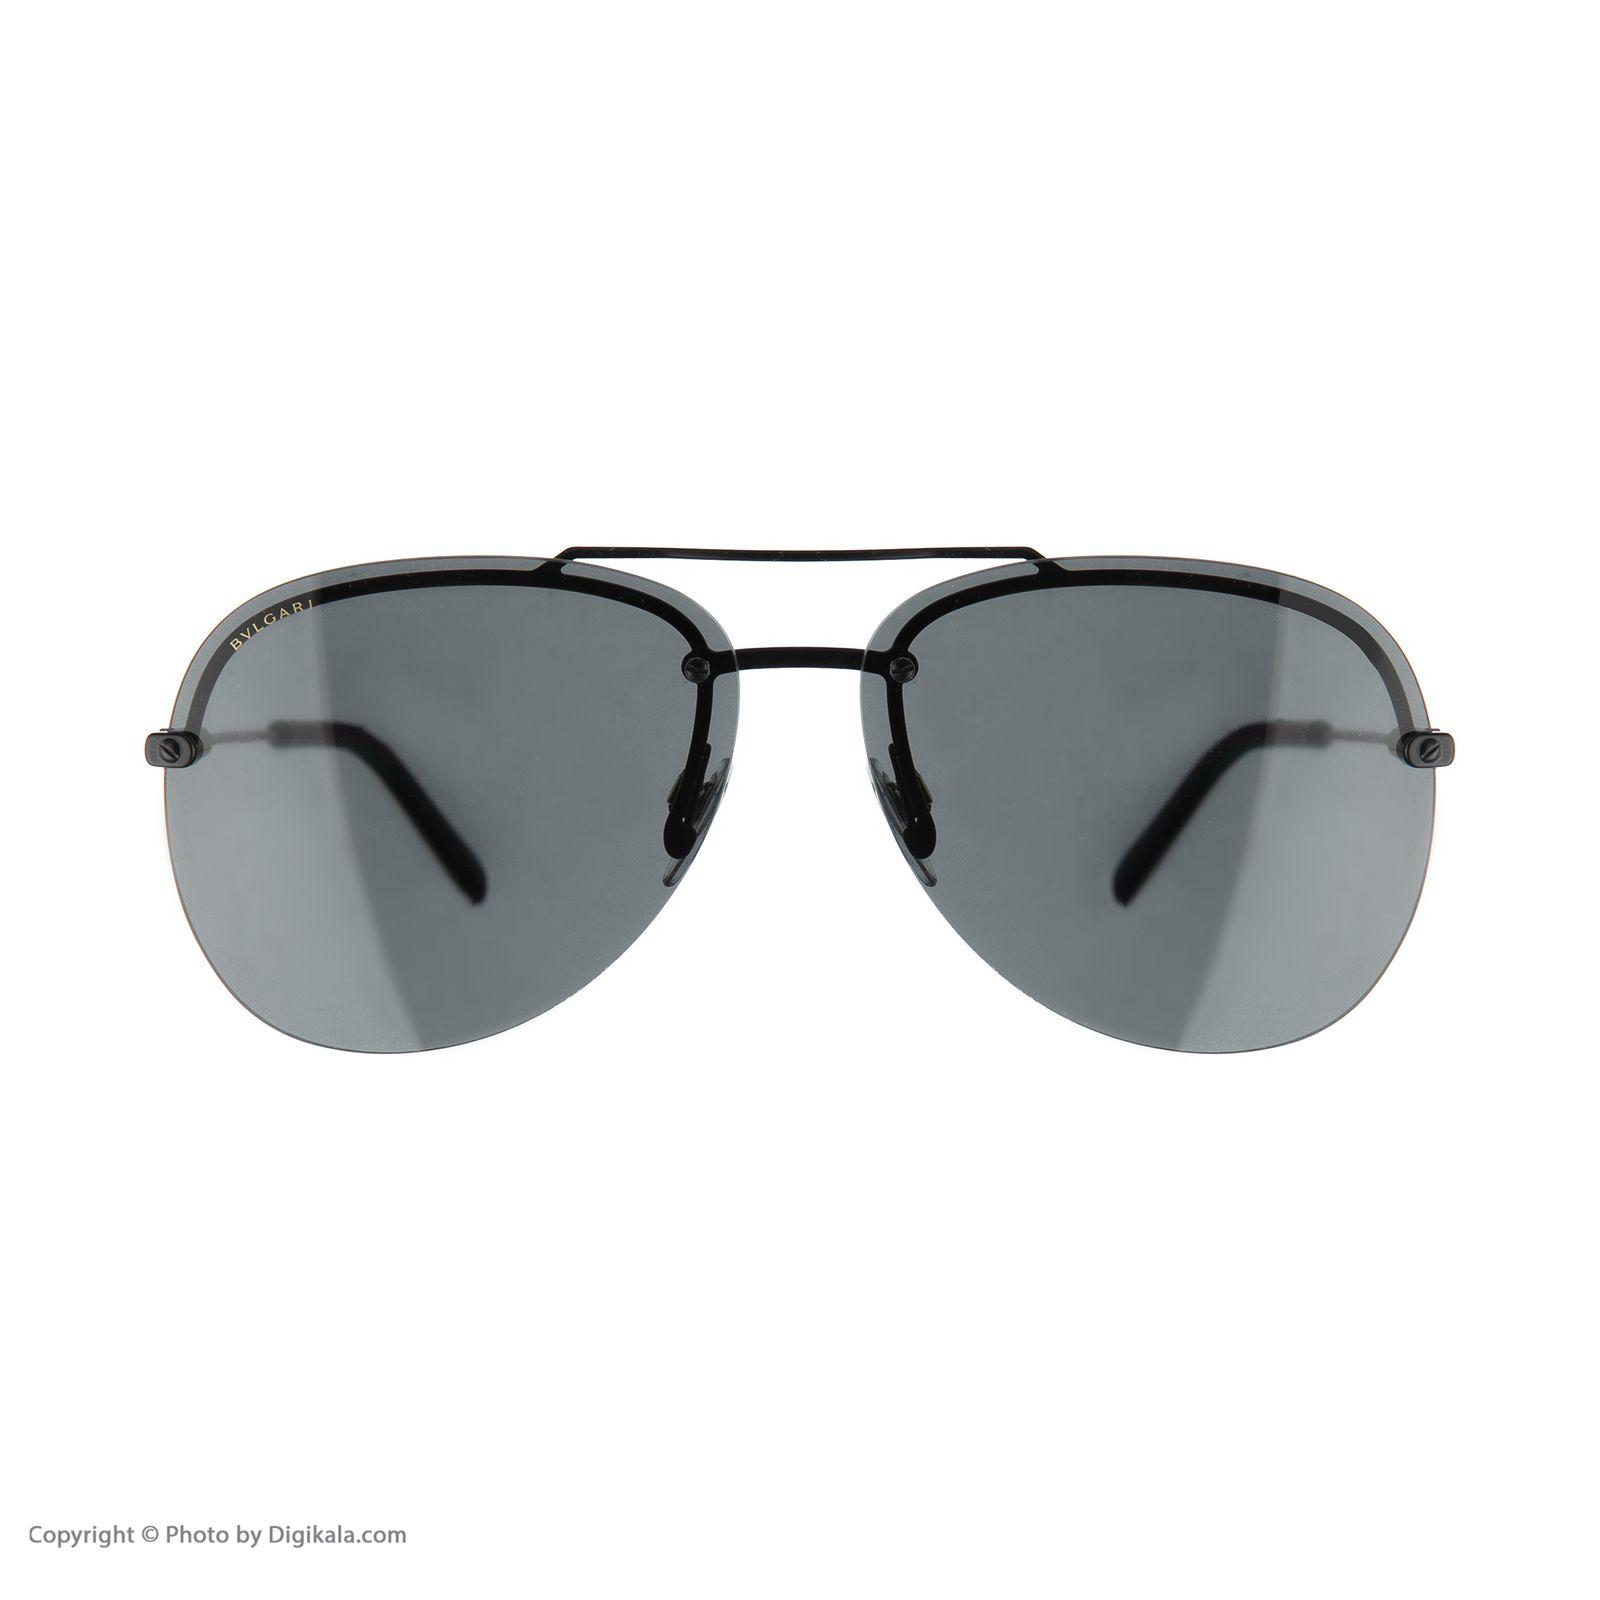 عینک آفتابی مردانه بولگاری مدل BV5044S 12887 -  - 3